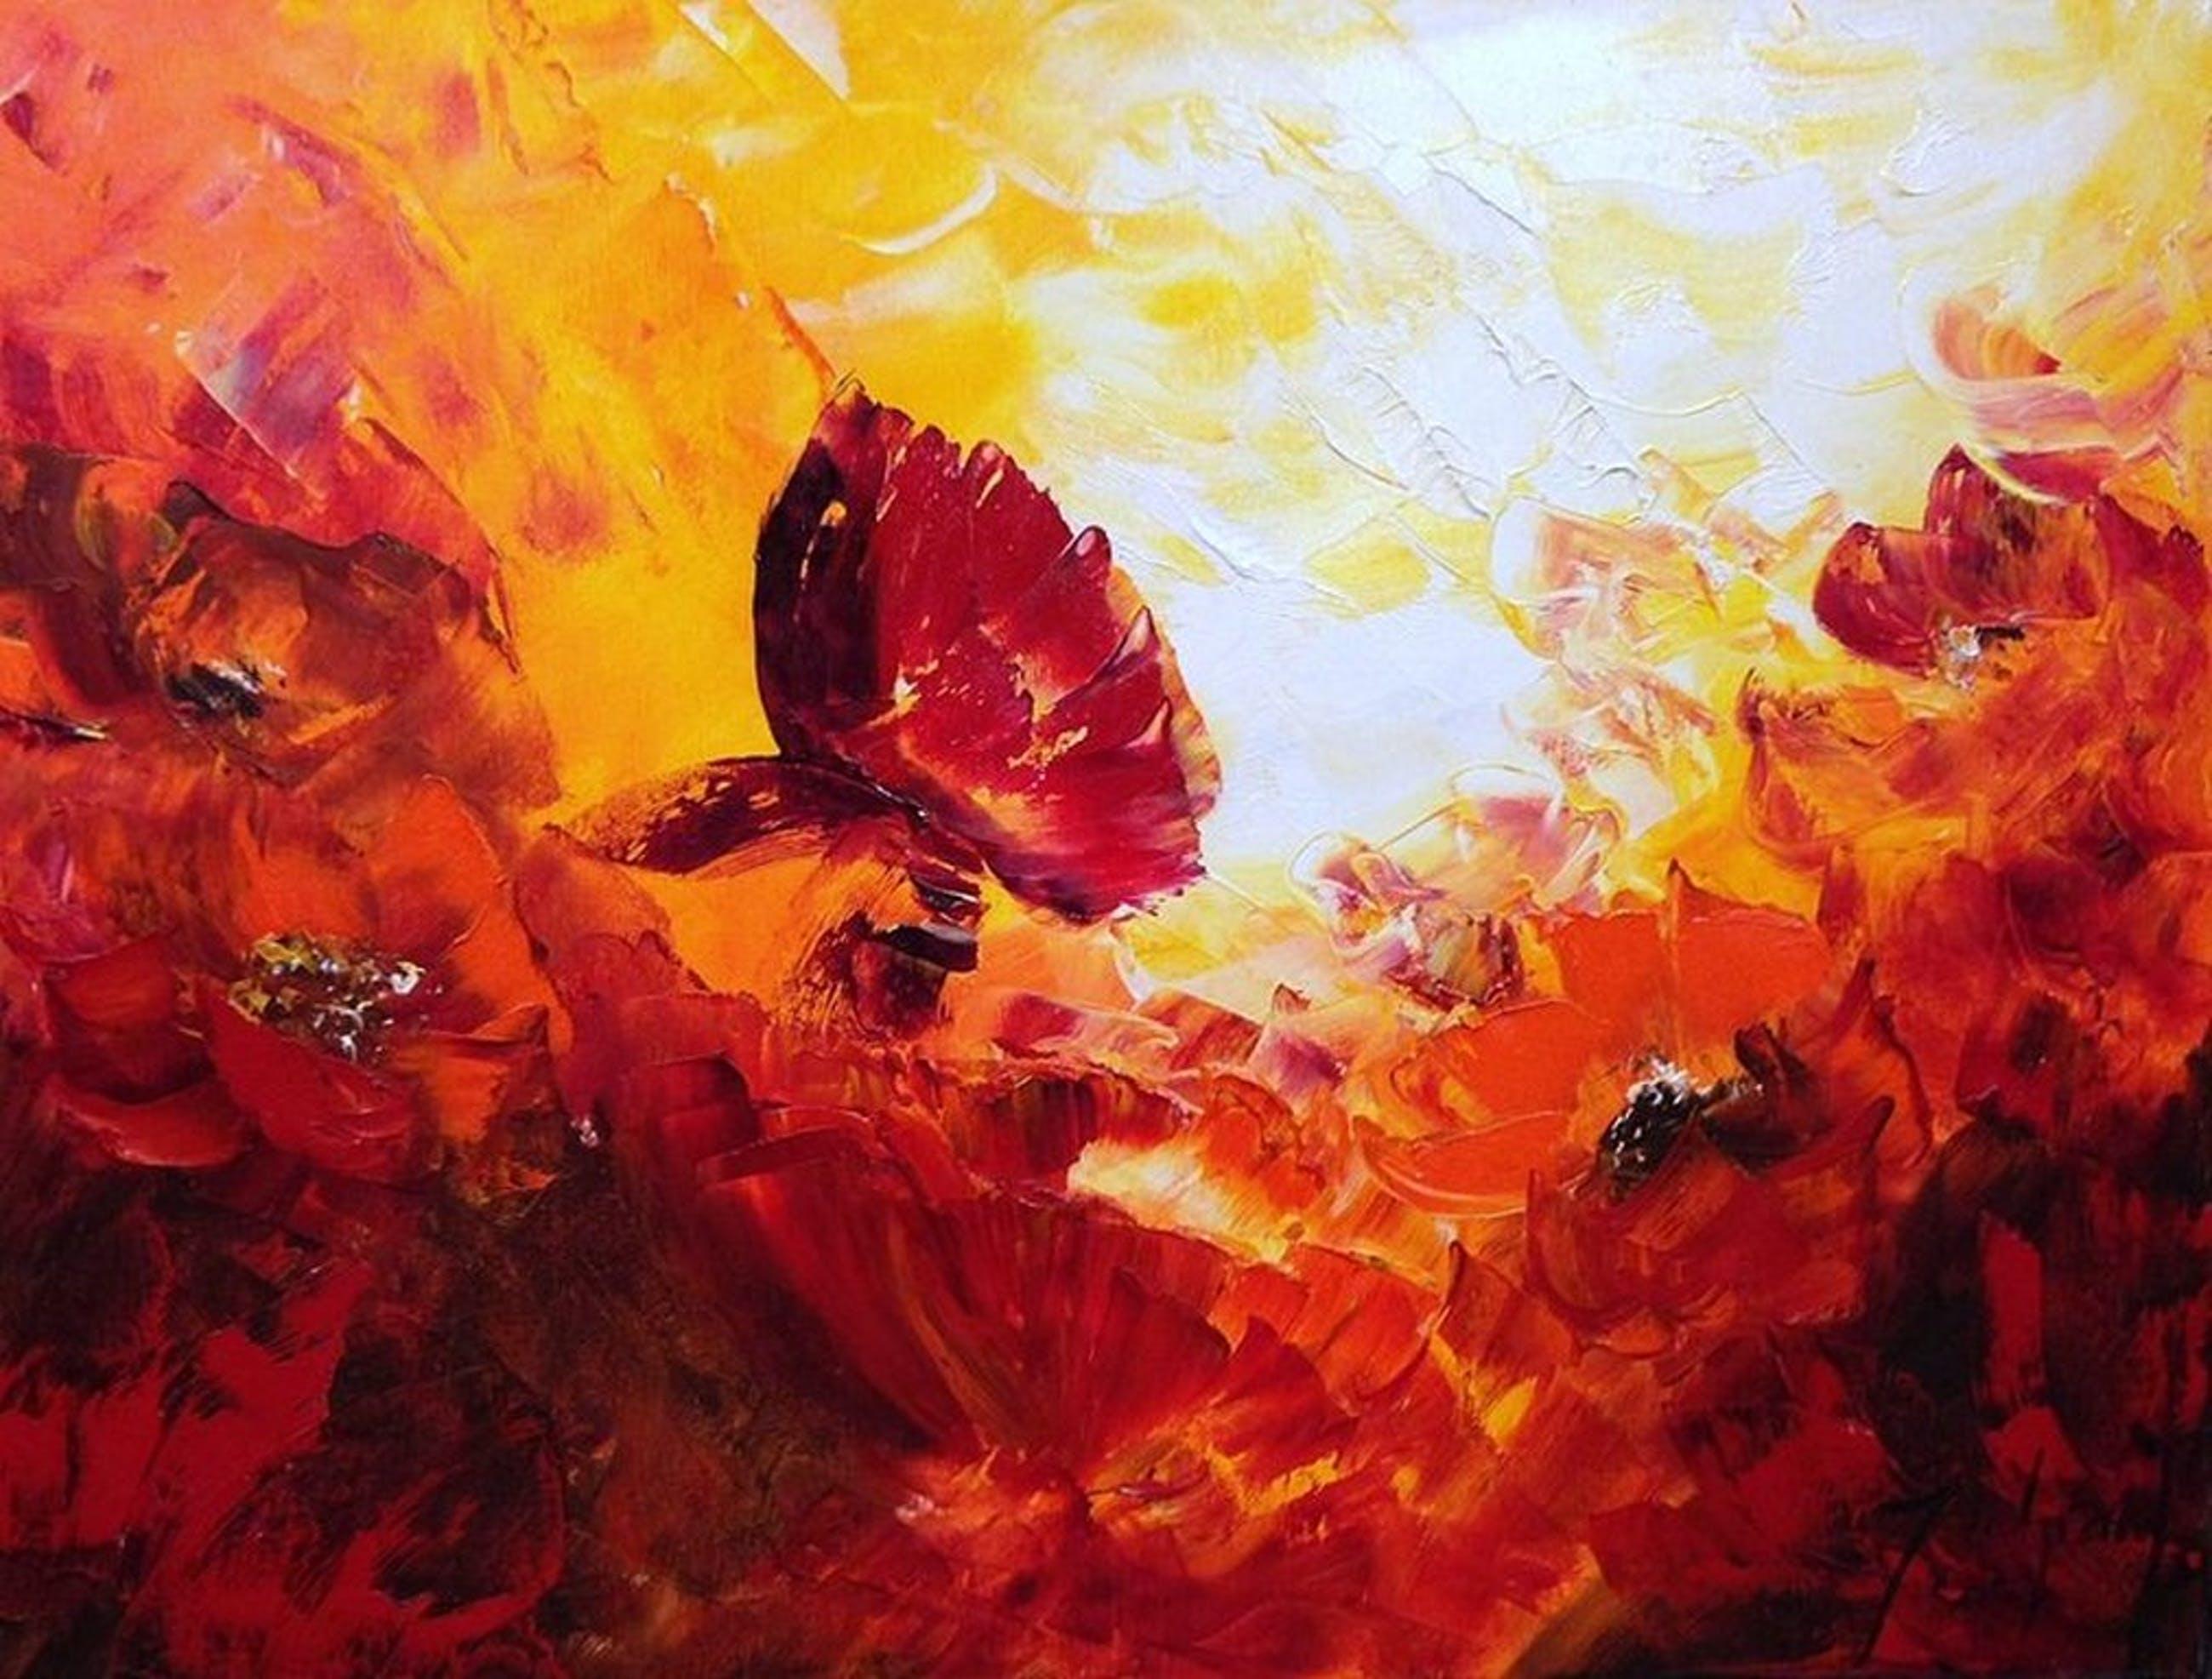 Jochem de Graaf: orgineel schilderij (olieverf) Klaprozen 80x60 cm  kopen? Bied vanaf 50!